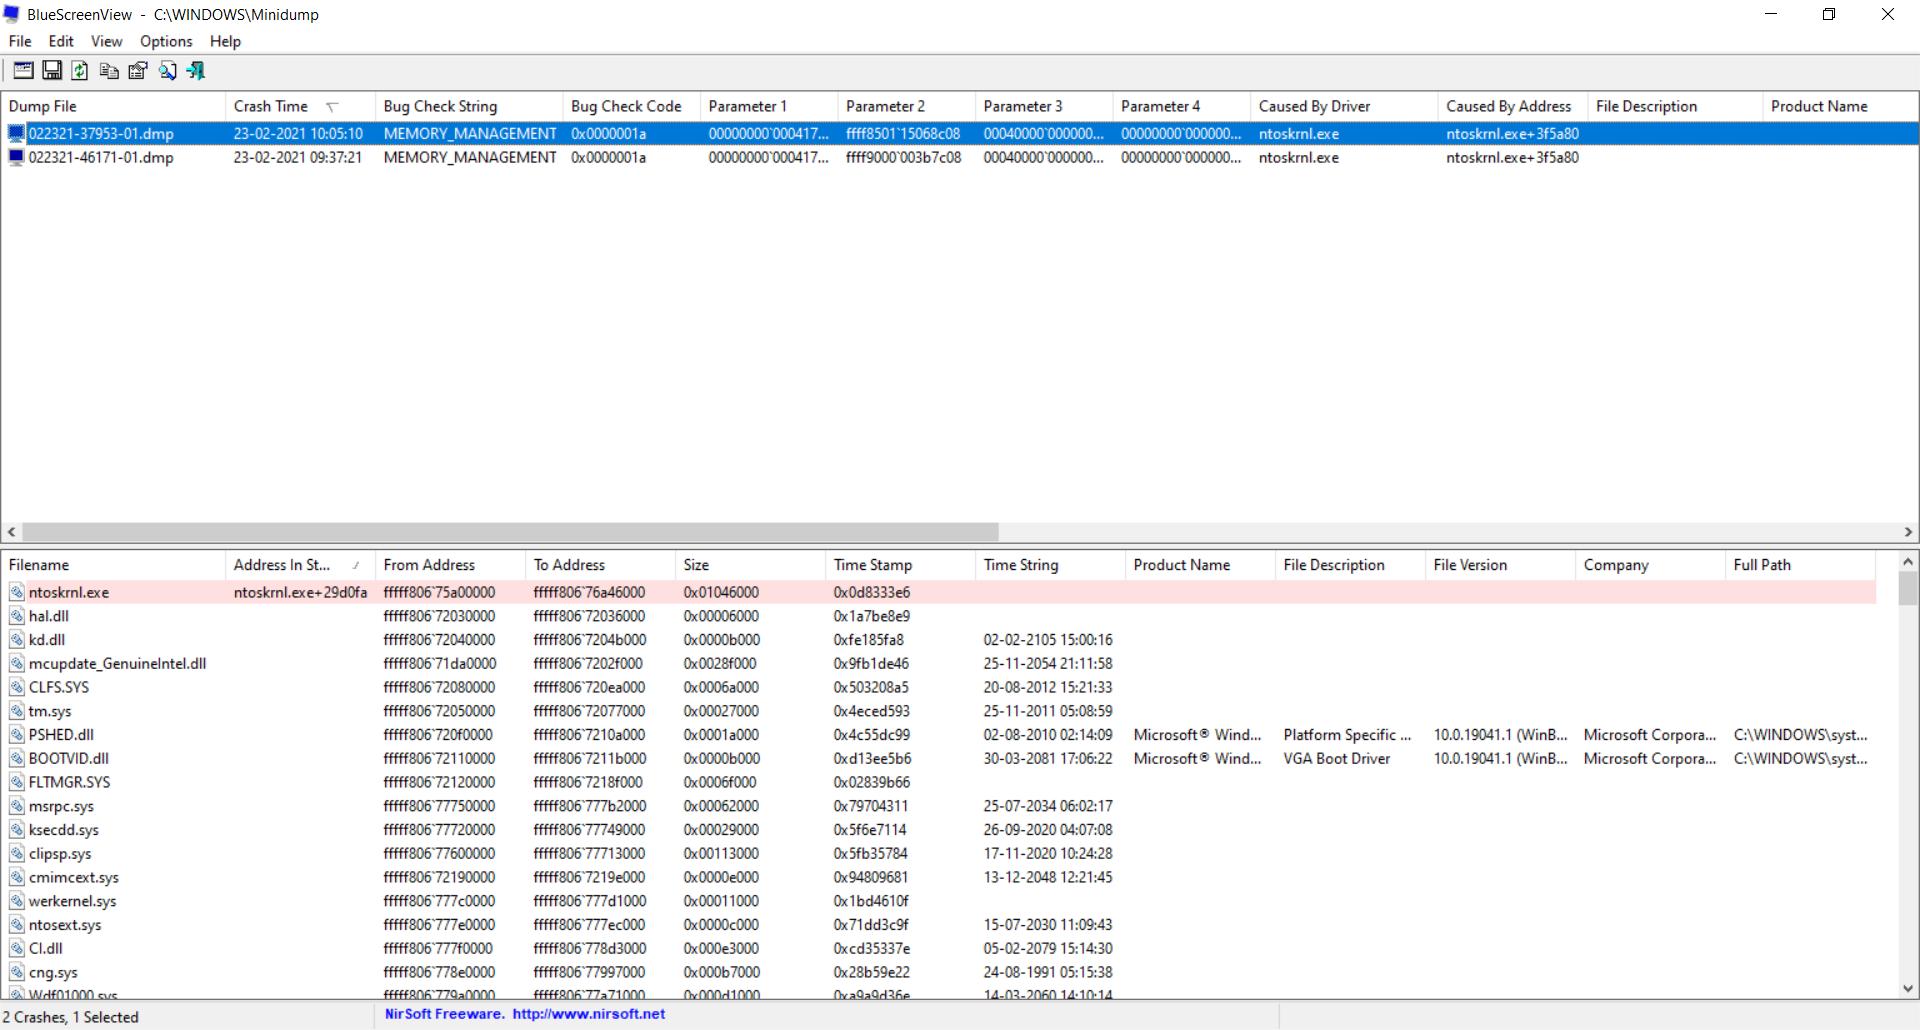 Ntoskrnl.exe MEMORY MANAGEMENT ERROR 5c79a2cc-02af-48ee-a31f-45c4586c4856?upload=true.png